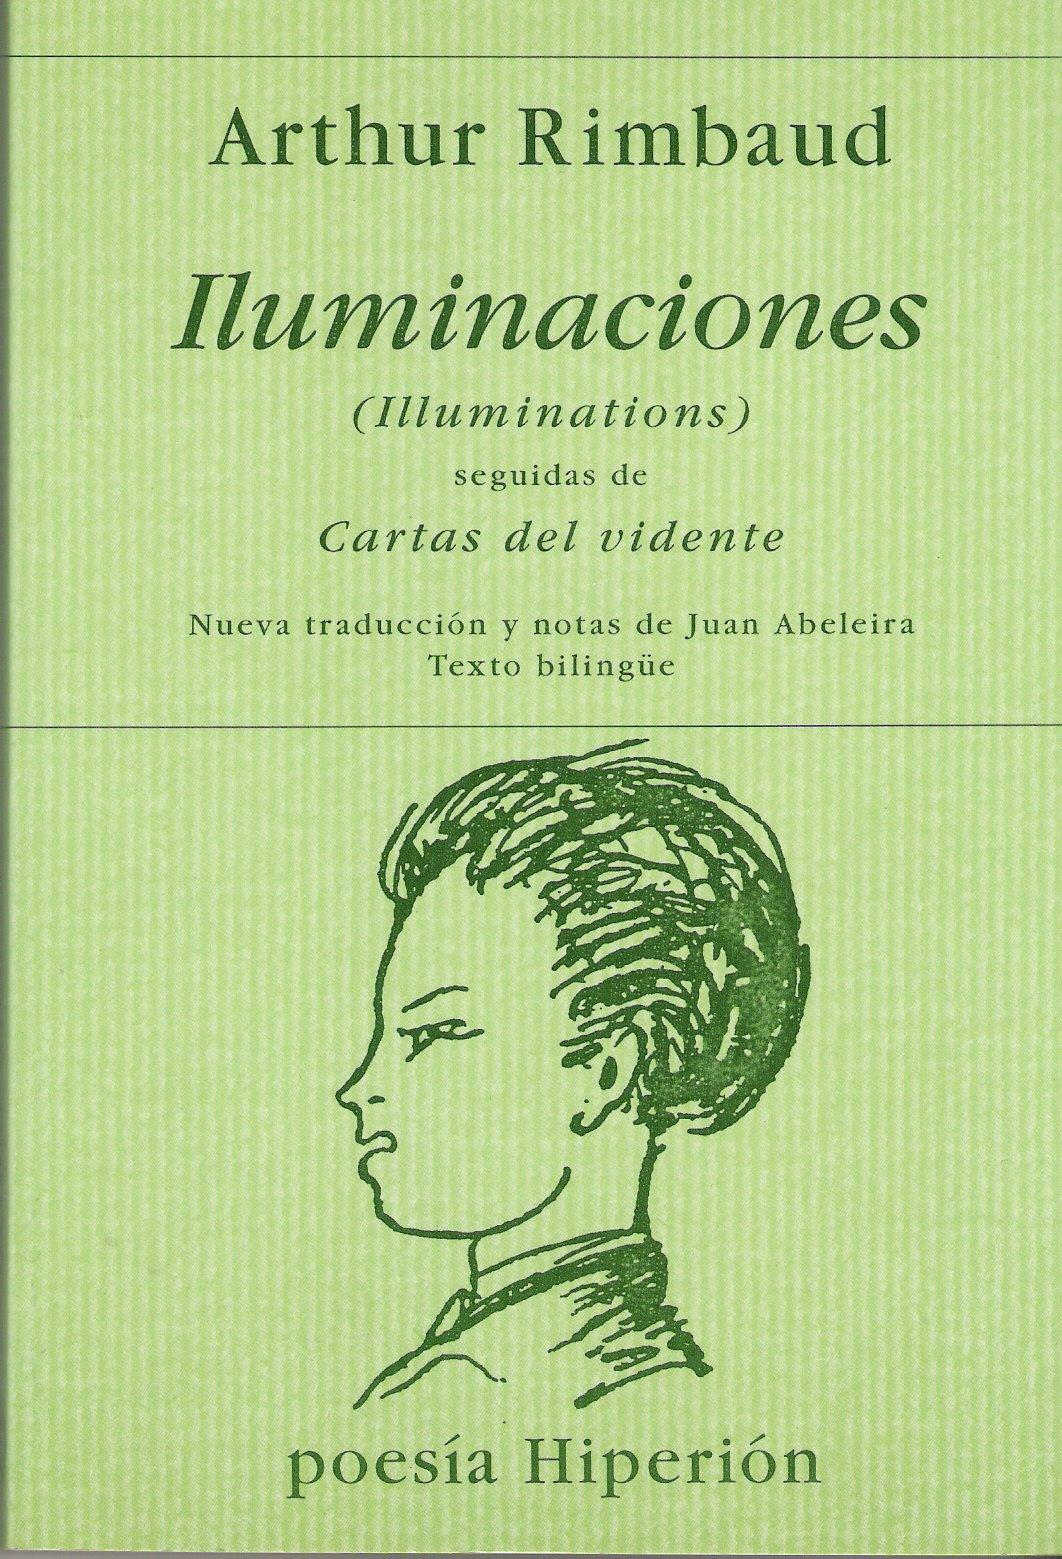 arthur rimbaud iluminaciones pdf